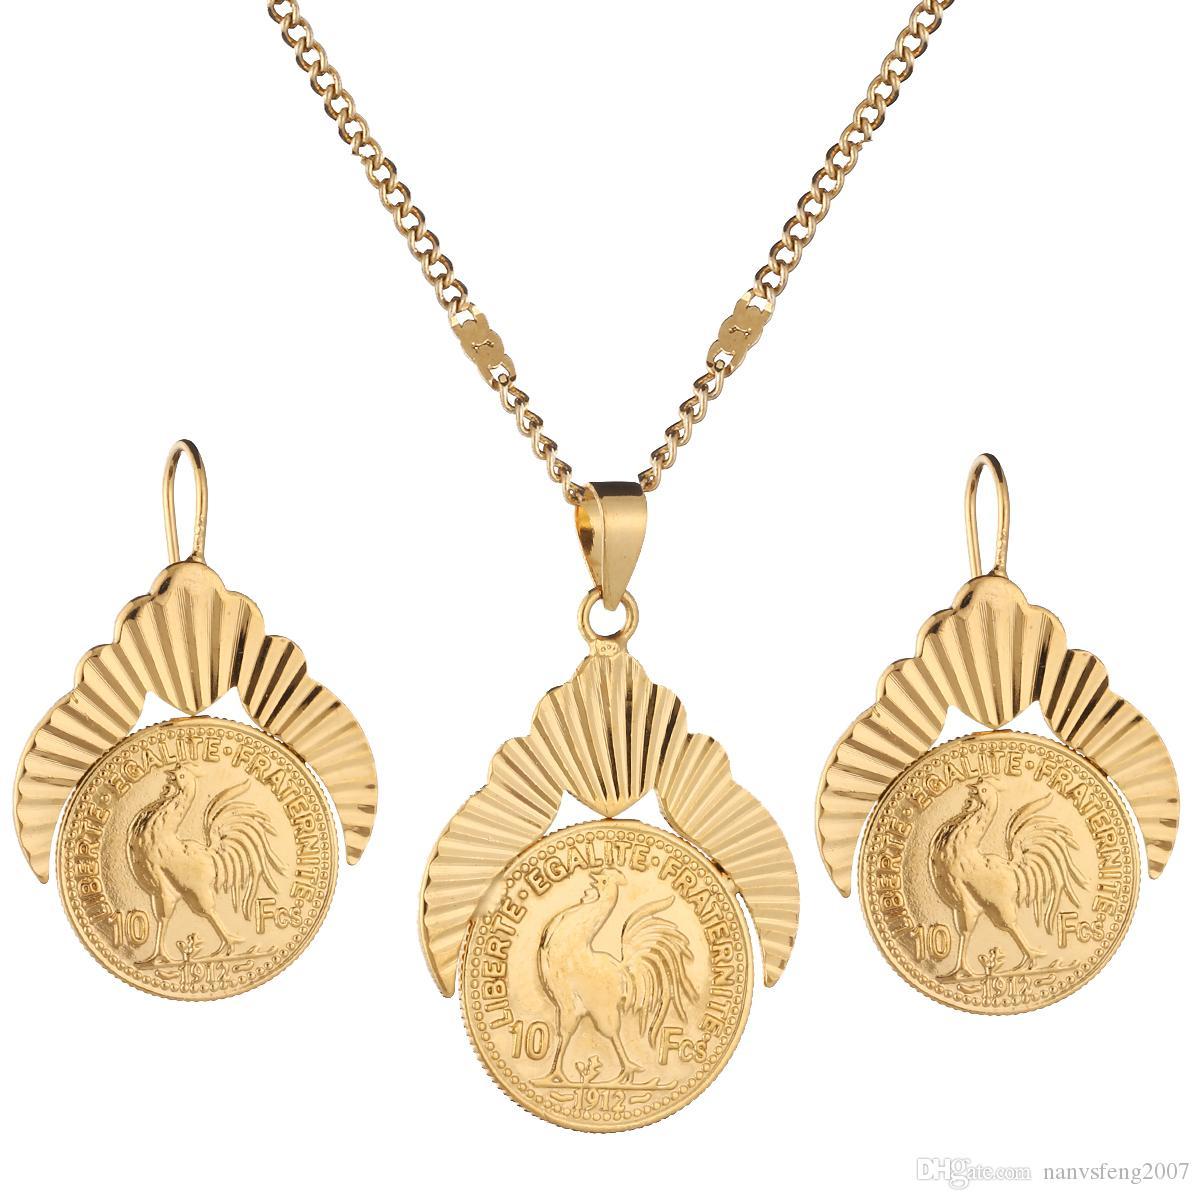 Couleur vieil or français Coin Liberte Egalite Fraternite Monnaies 1912 ensembles de bijoux pièces de métal Ensembles de bijoux